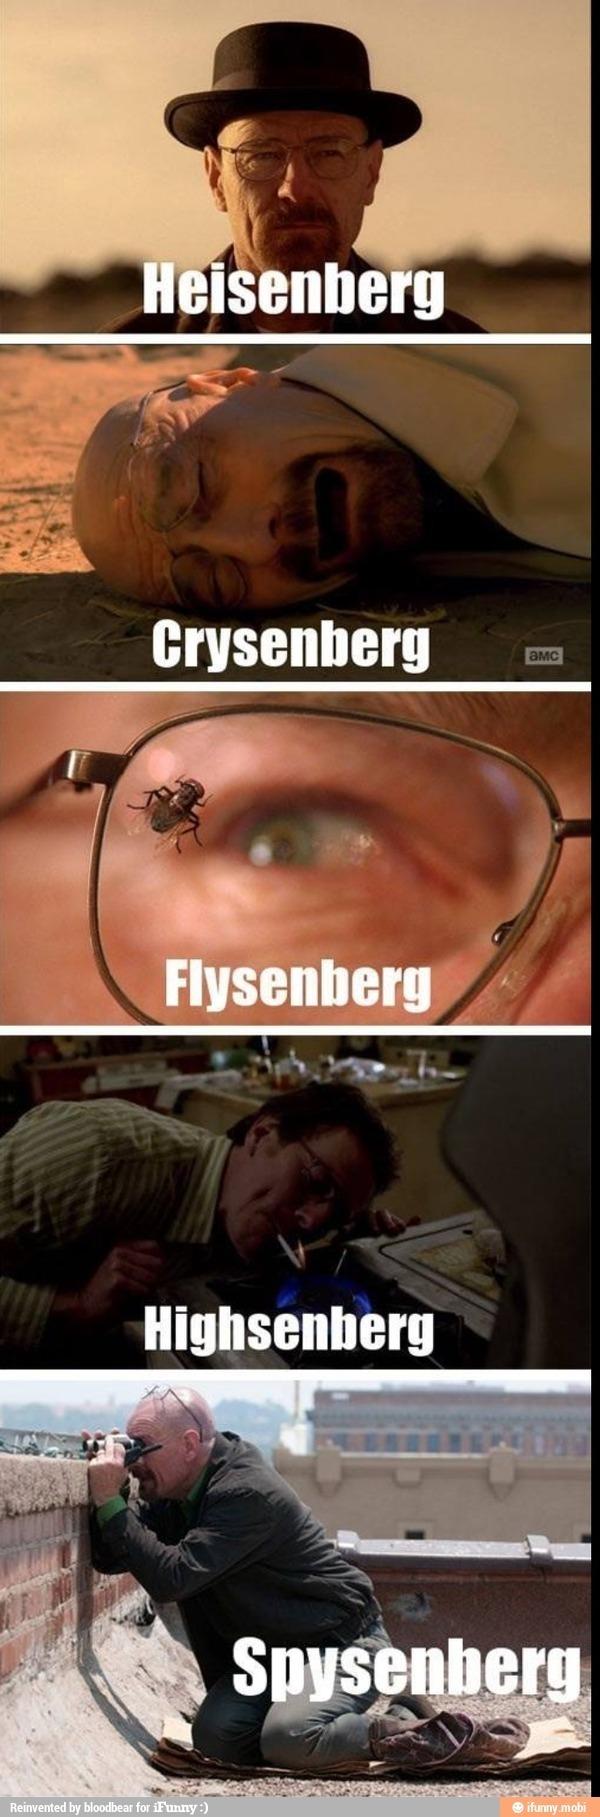 Heisenberg - meme